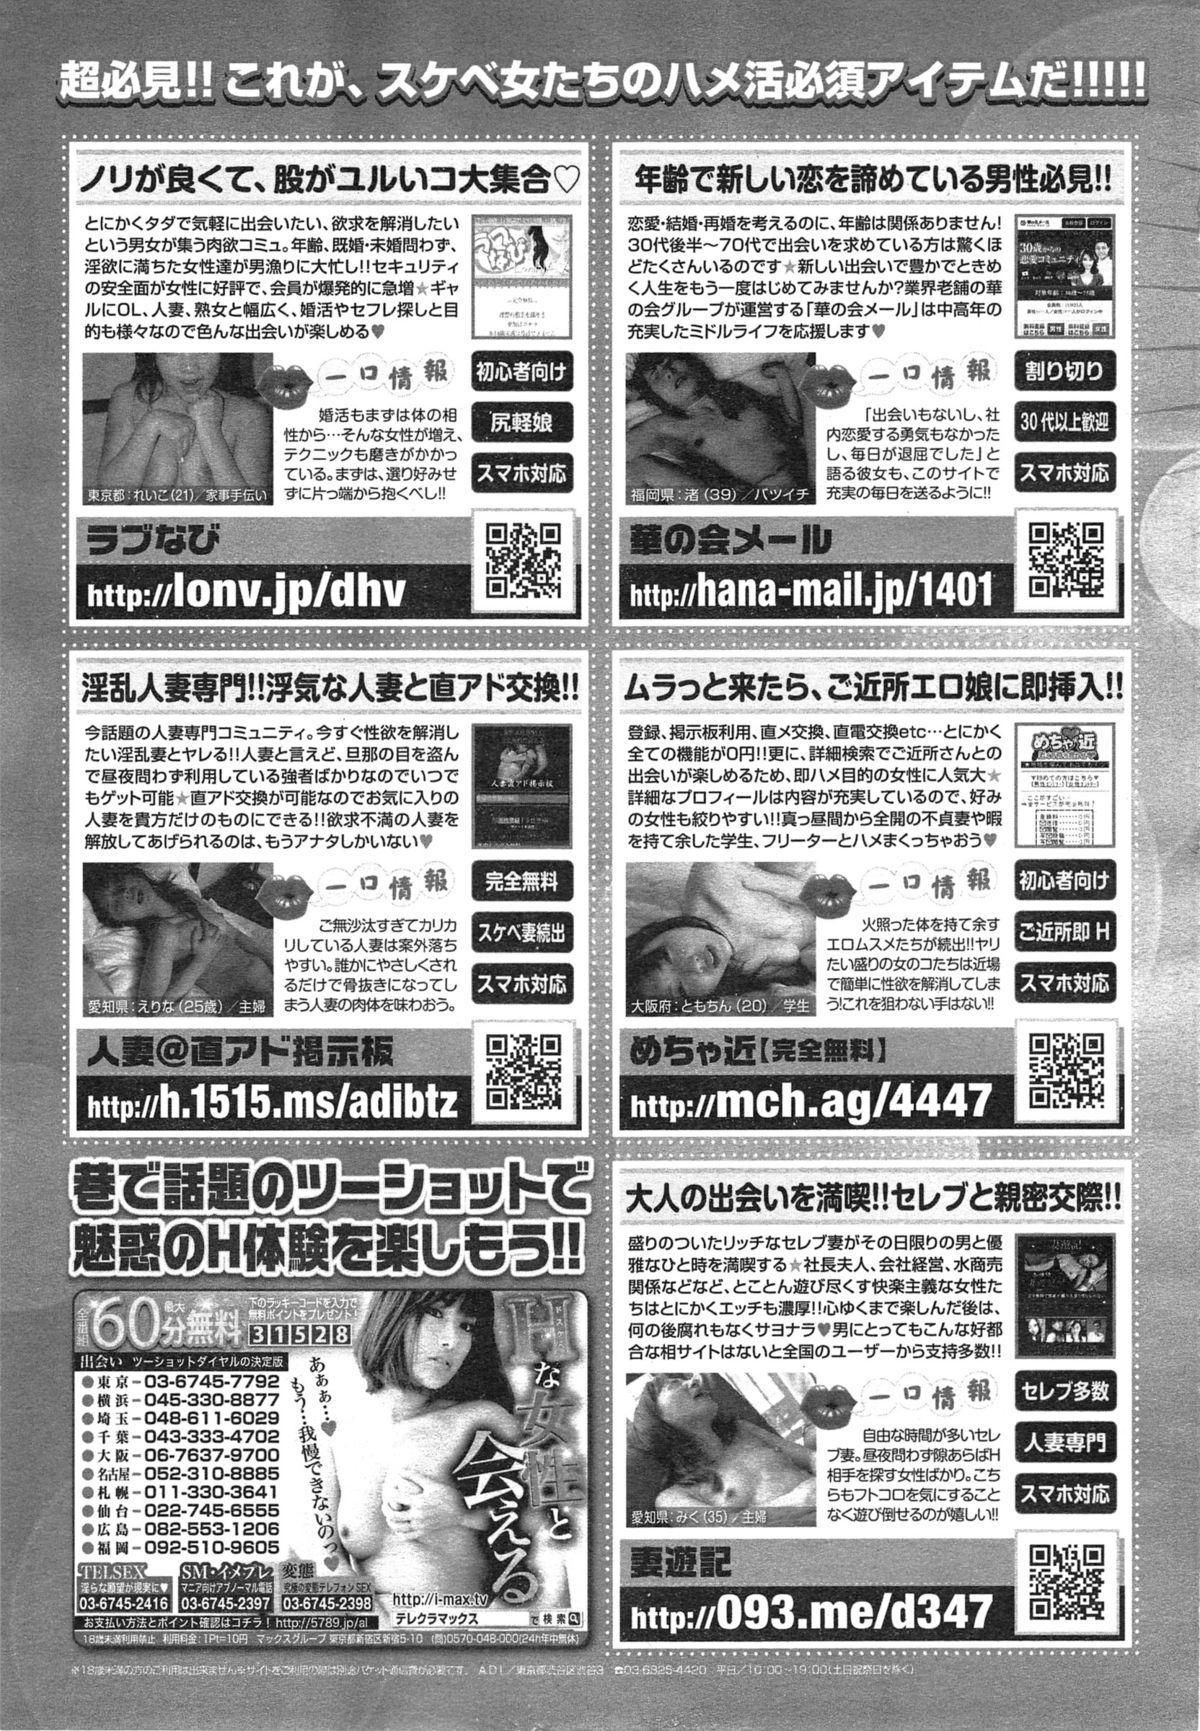 COMIC Megastore Alpha 2015-01 542